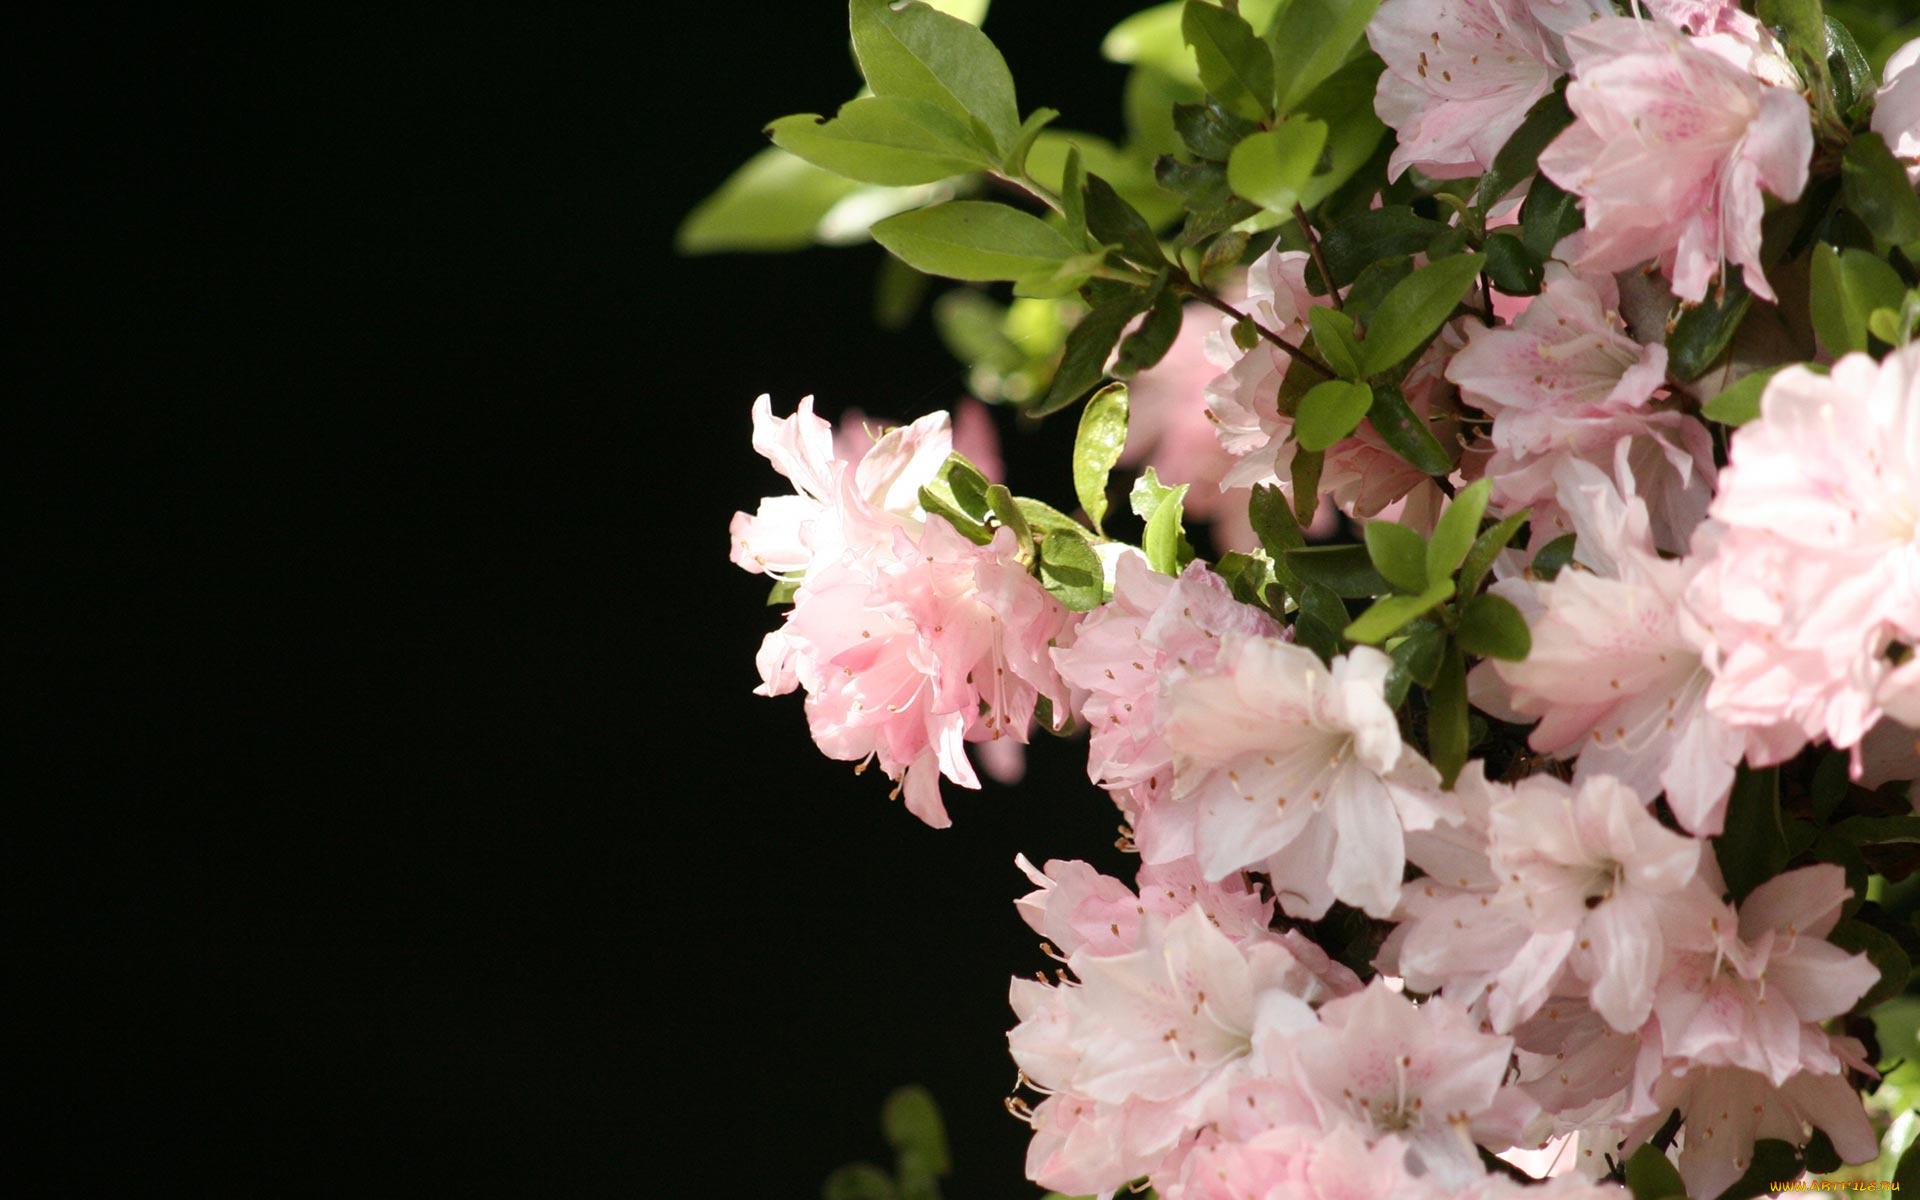 азалия лепестки цветы  № 3898164 загрузить